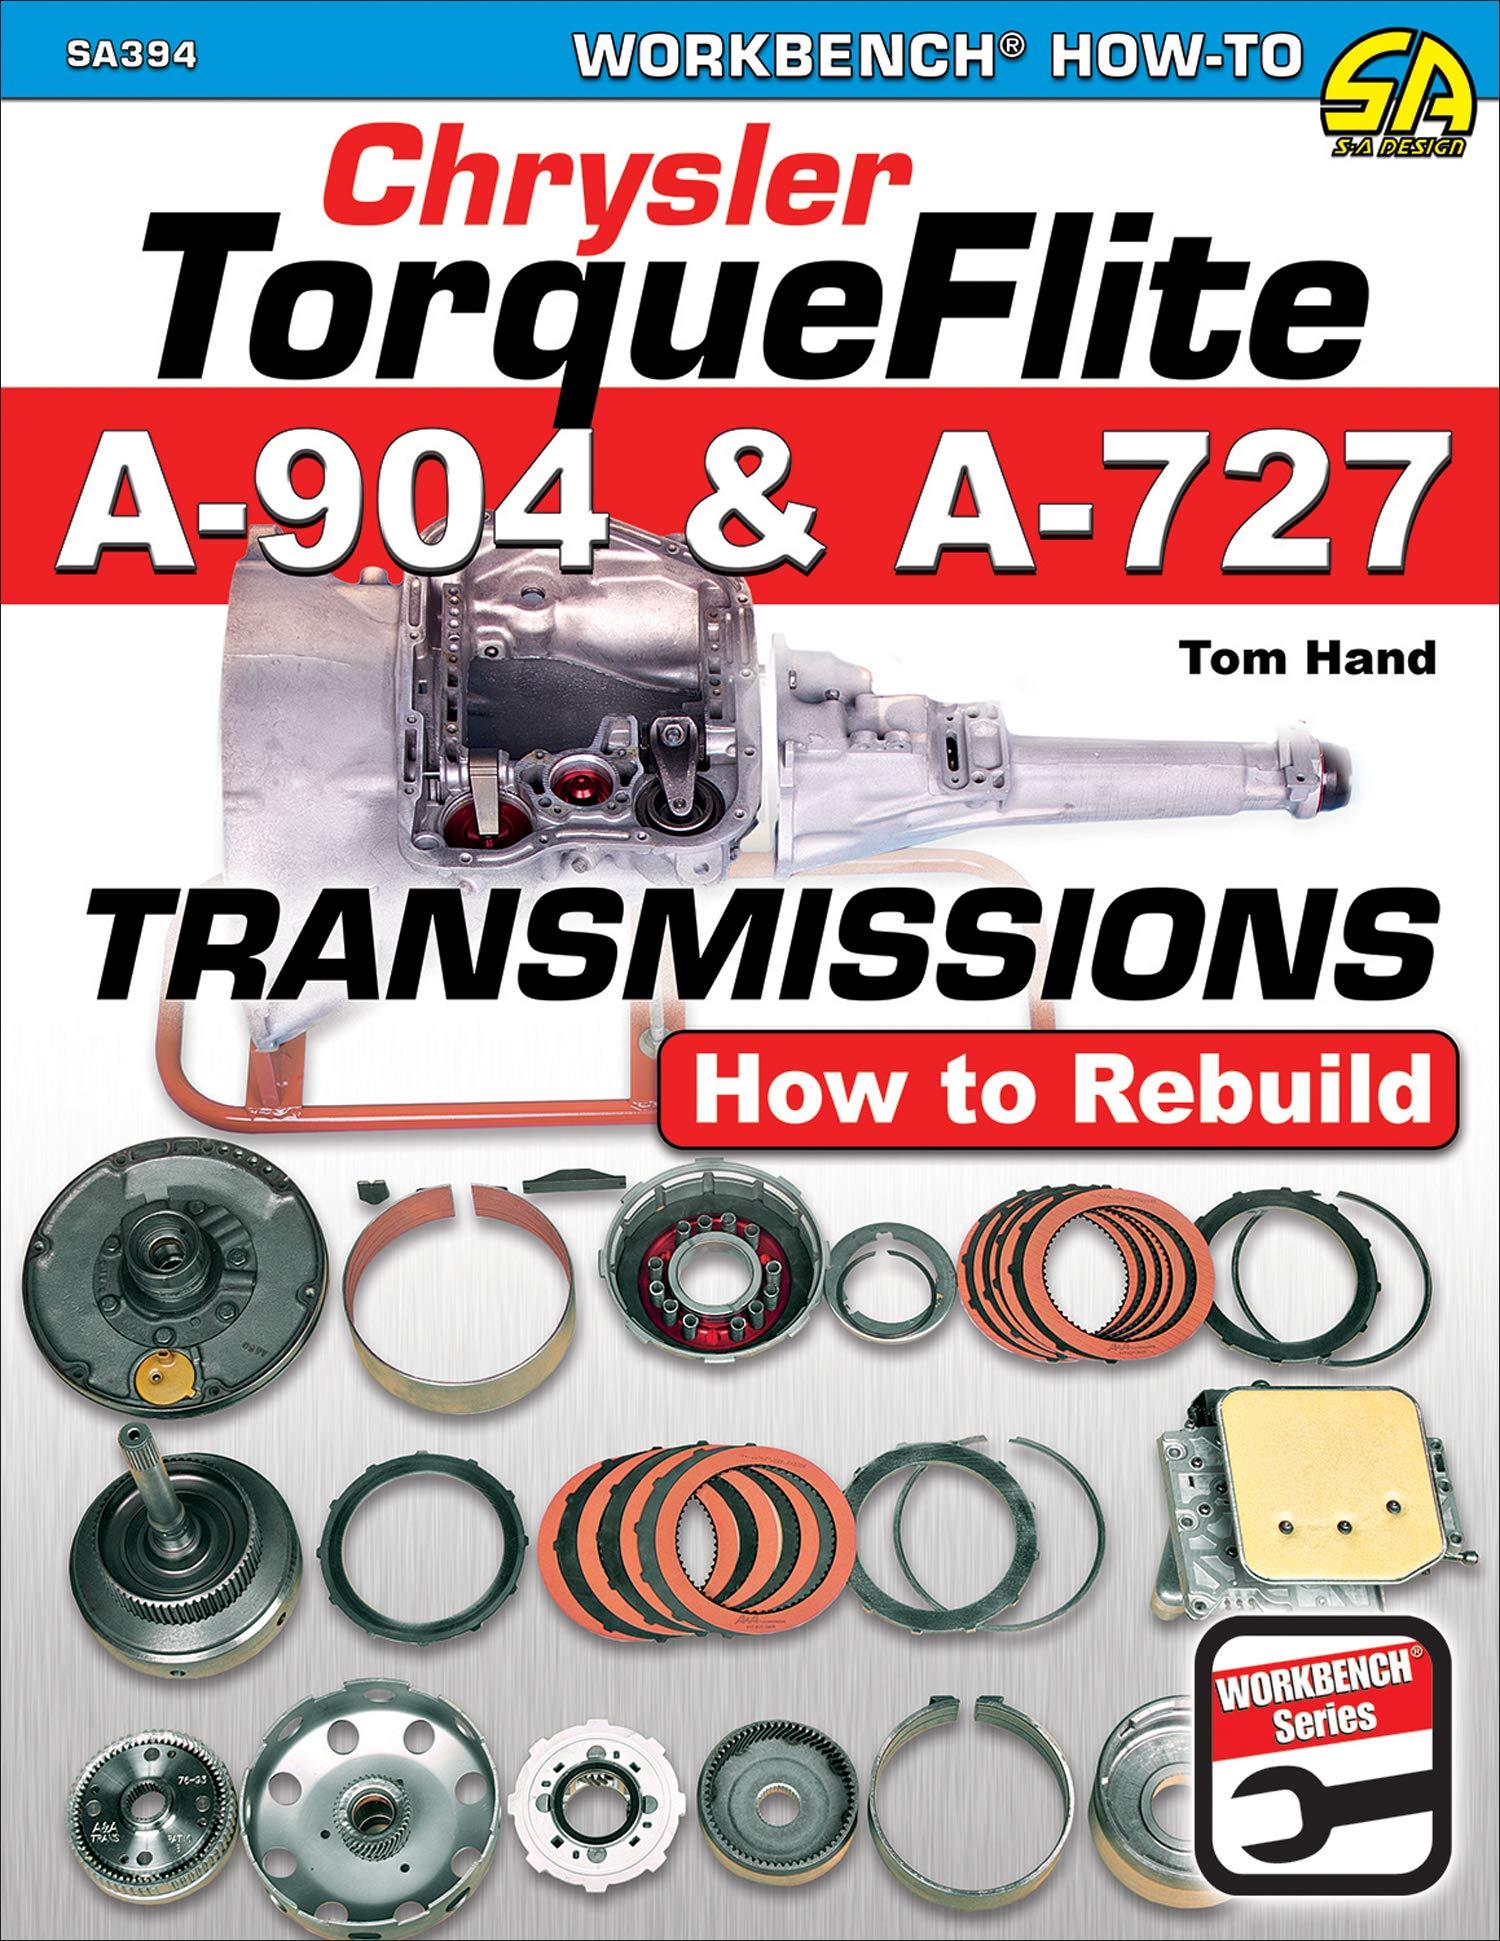 dodge 727 transmission diagram chrysler torqueflite a 904   a 727 transmissions how to rebuild  chrysler torqueflite a 904   a 727